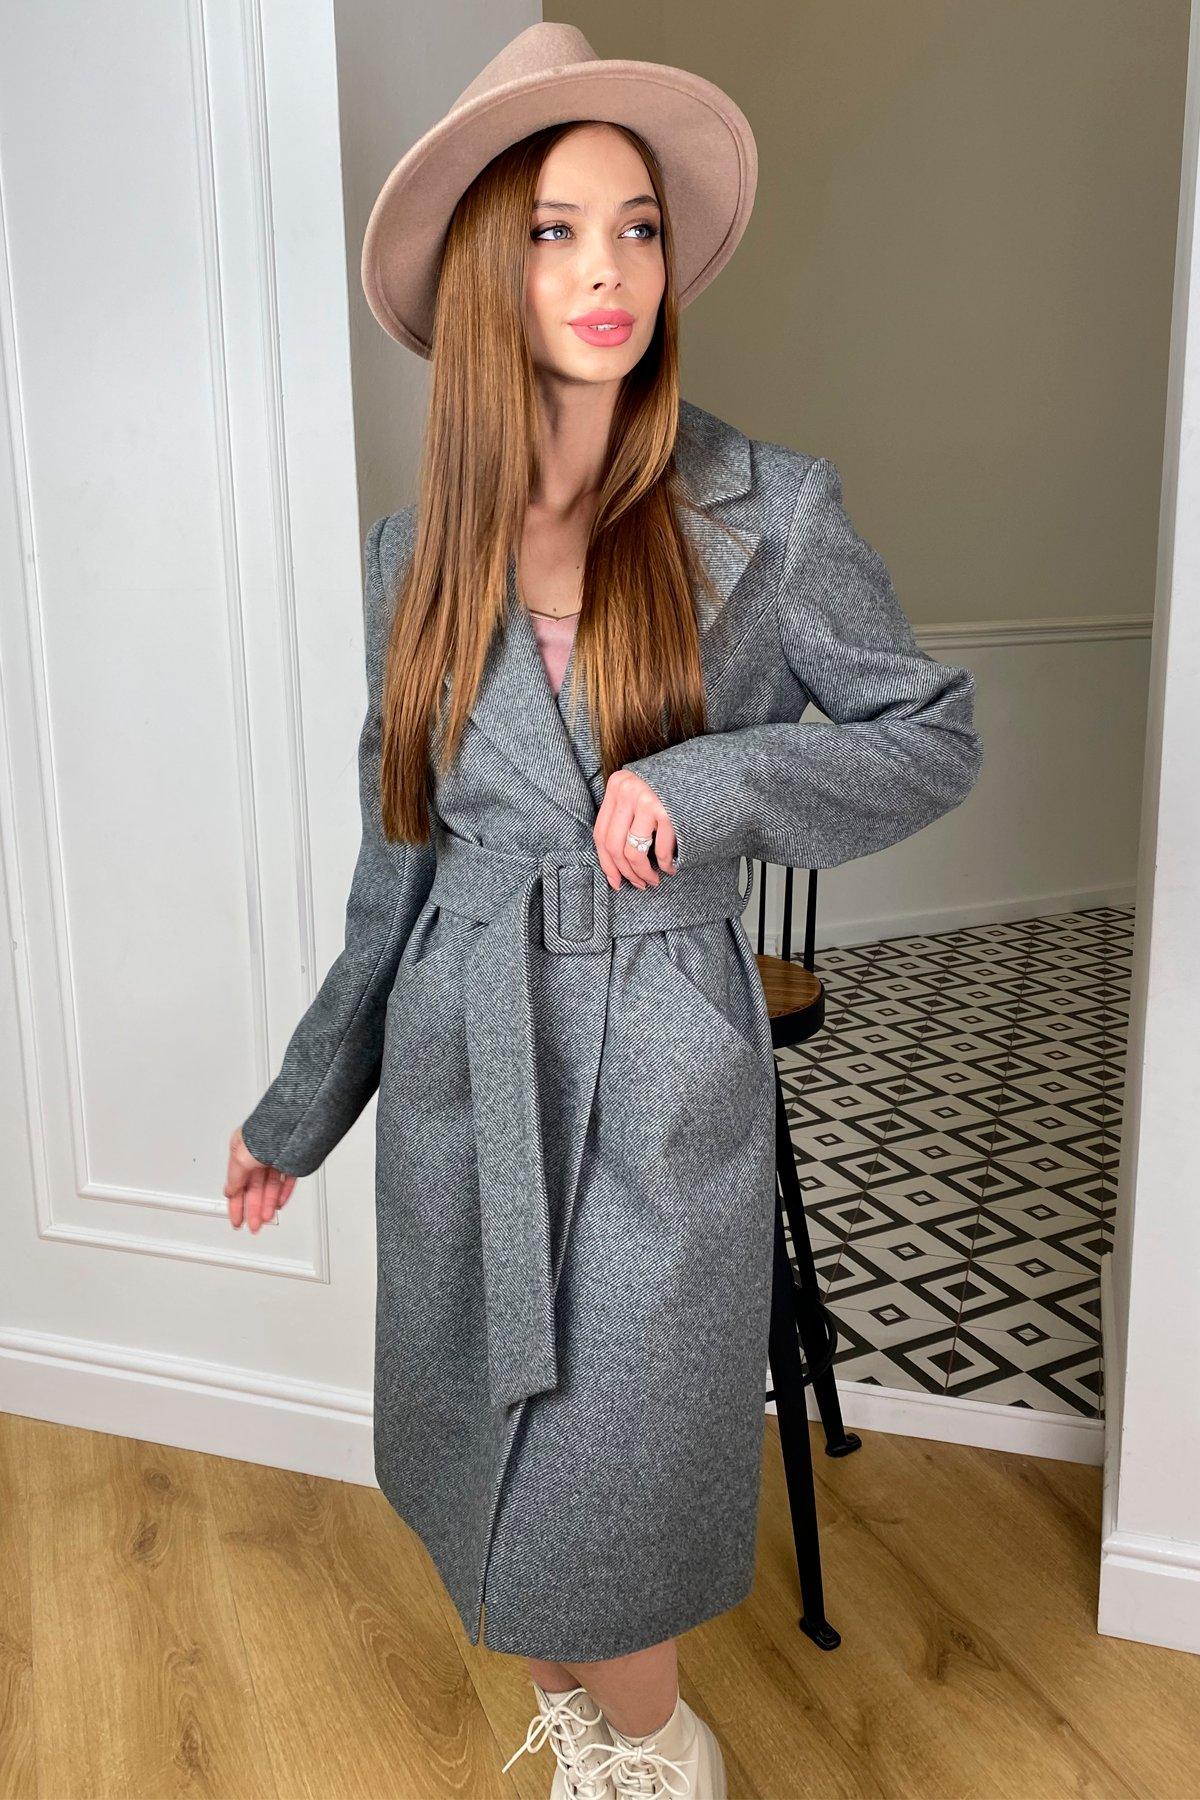 Кареро пальто с поясом из  пальтовой ткани  7961 АРТ. 44033 Цвет: Серый 1 - фото 5, интернет магазин tm-modus.ru